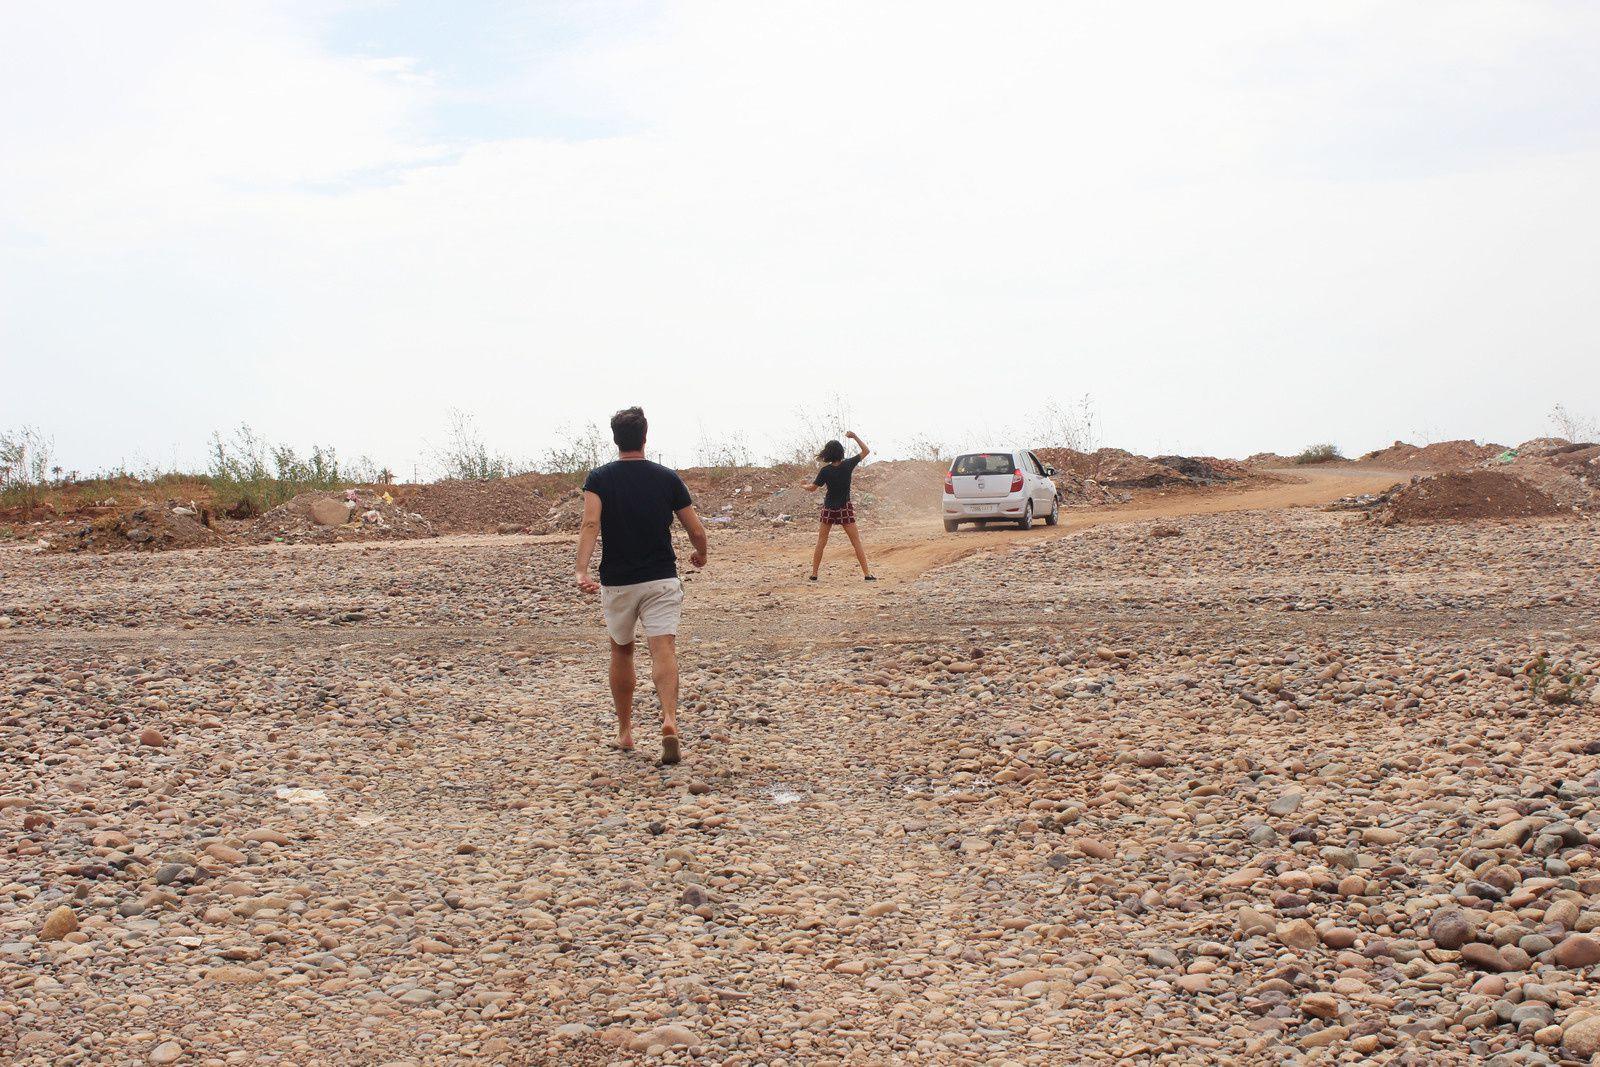 """Plagerosé / direction Marrakech / Un moment donné on s'est perdu / et derrière les cailloux, le palace / shooting à Majorelle / """"tu penses qu'elle en est à combien de kilomètres cette poussette?"""""""